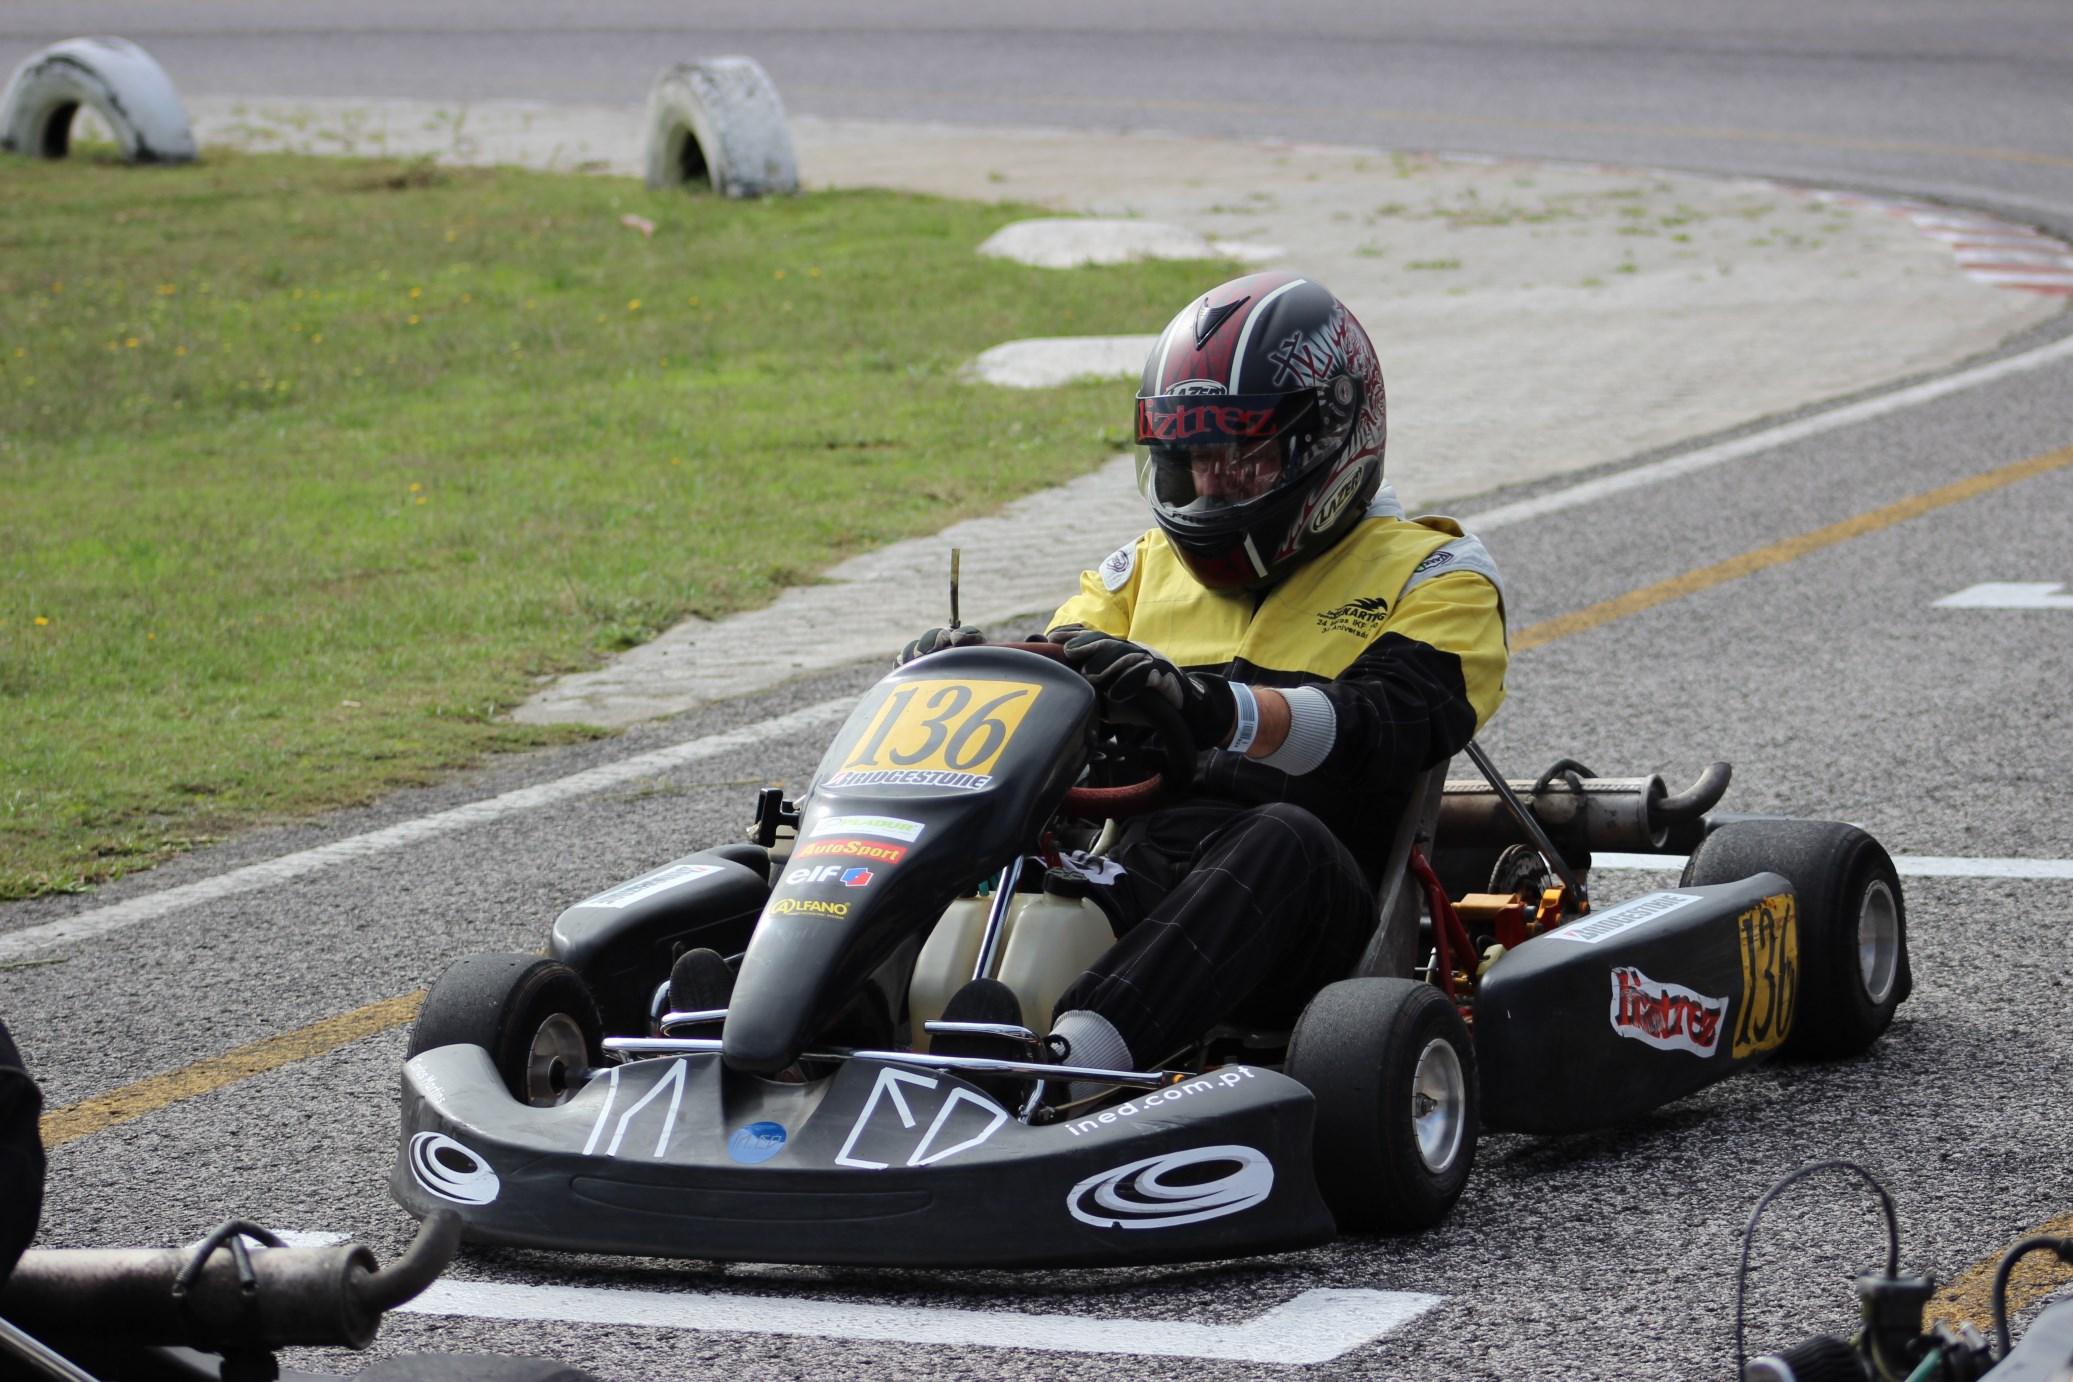 Troféu Honda 2014 - 4ª Prova197